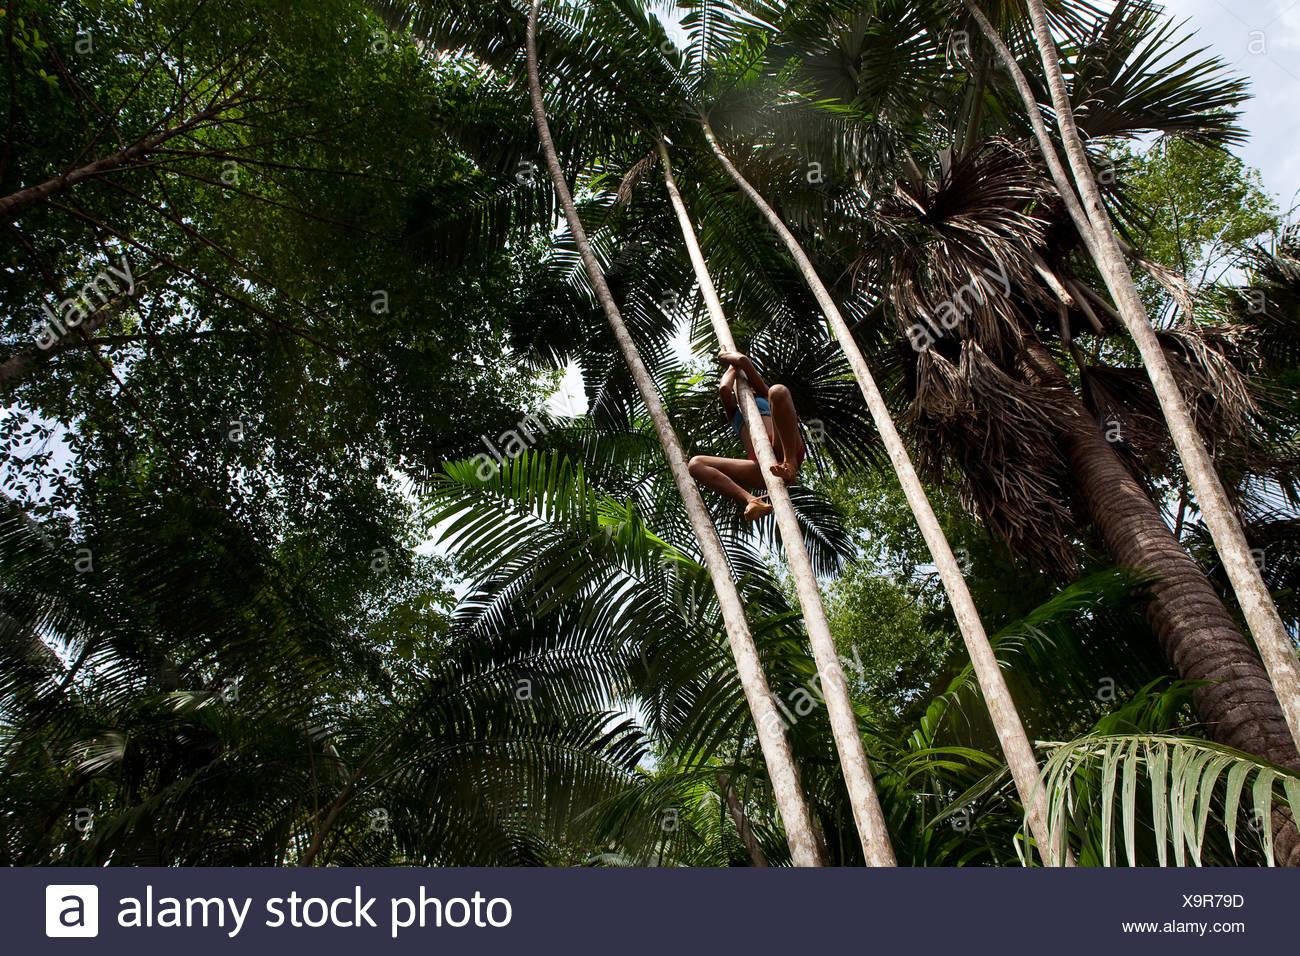 Adolescente picks açaí frutas en los bosques del estado de Maranhao, Brasil. Imagen De Stock